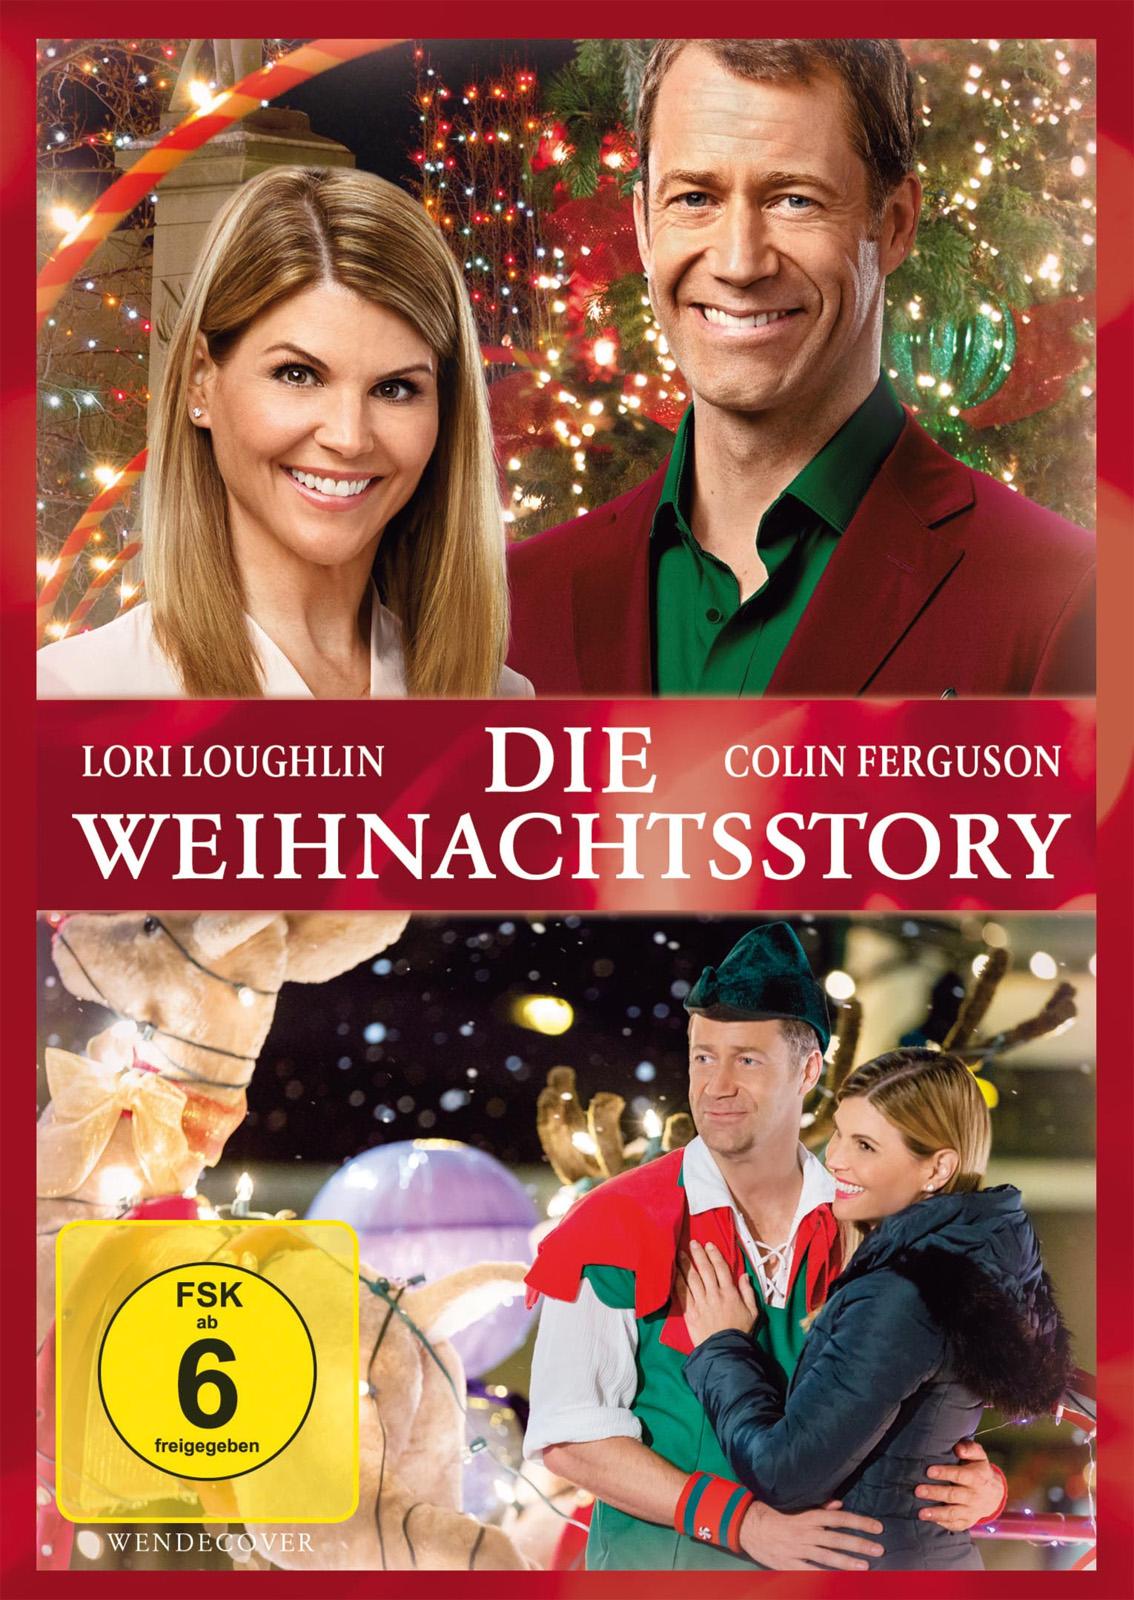 Die Weihnachtsstory - Film 2016 - FILMSTARTS.de